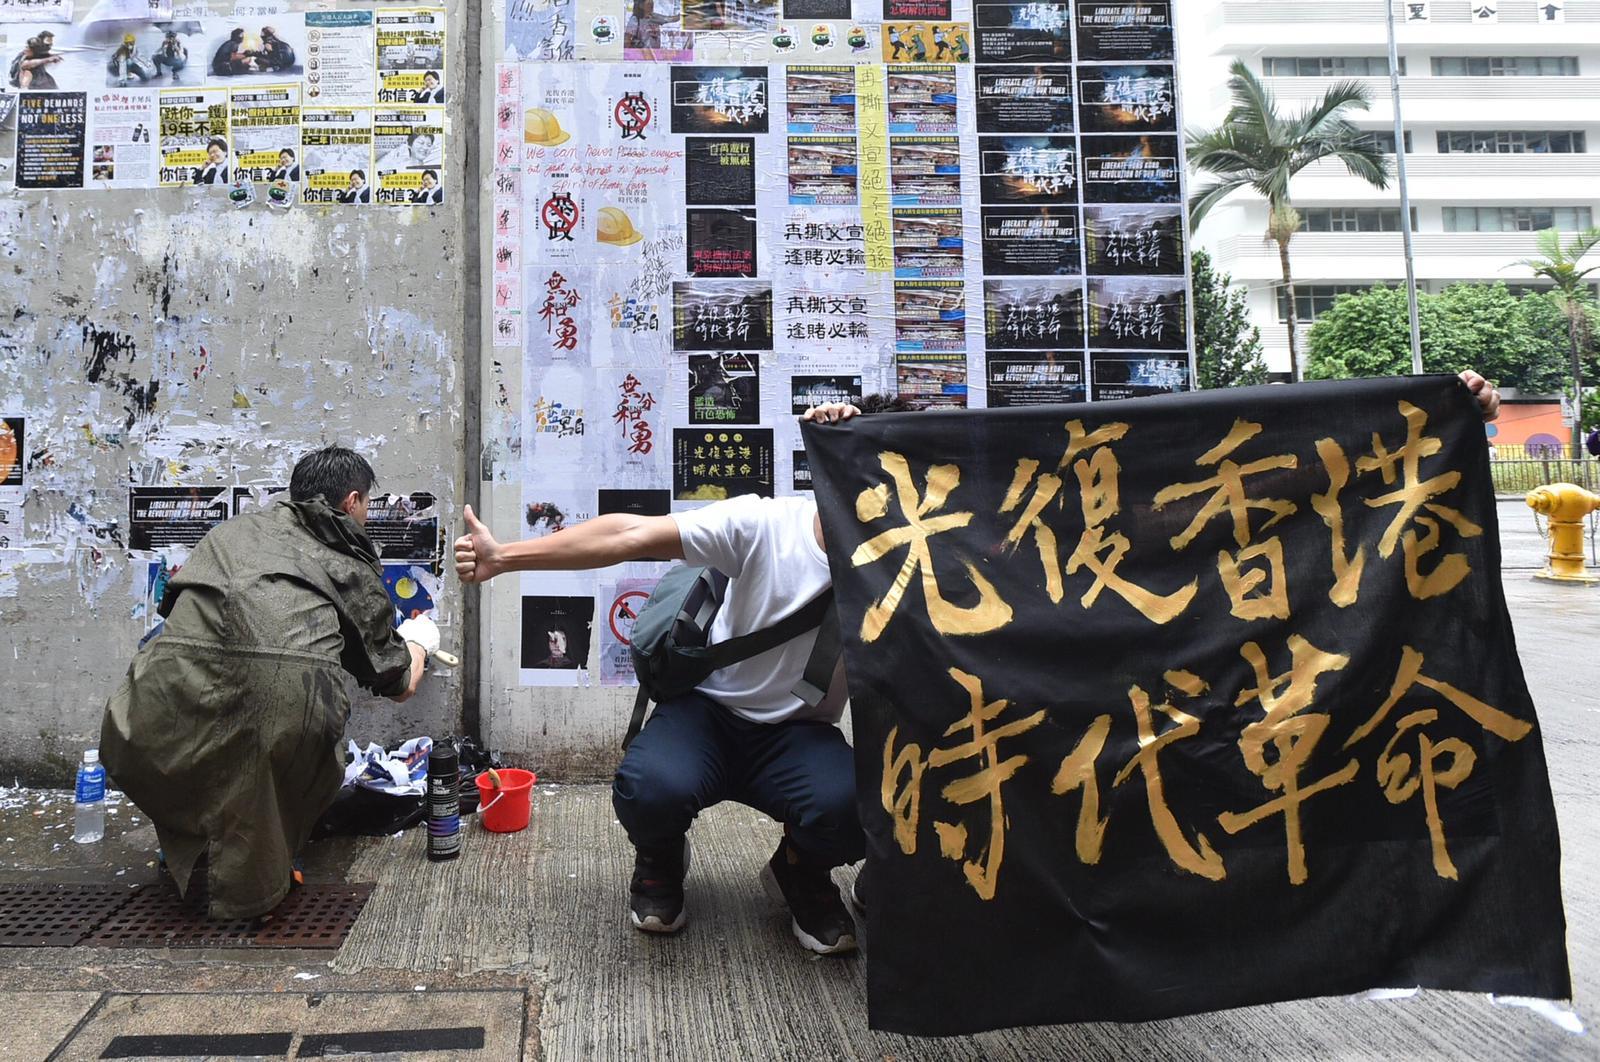 有人持寫有「光復香港,時代革命」的橫額在場拍照。